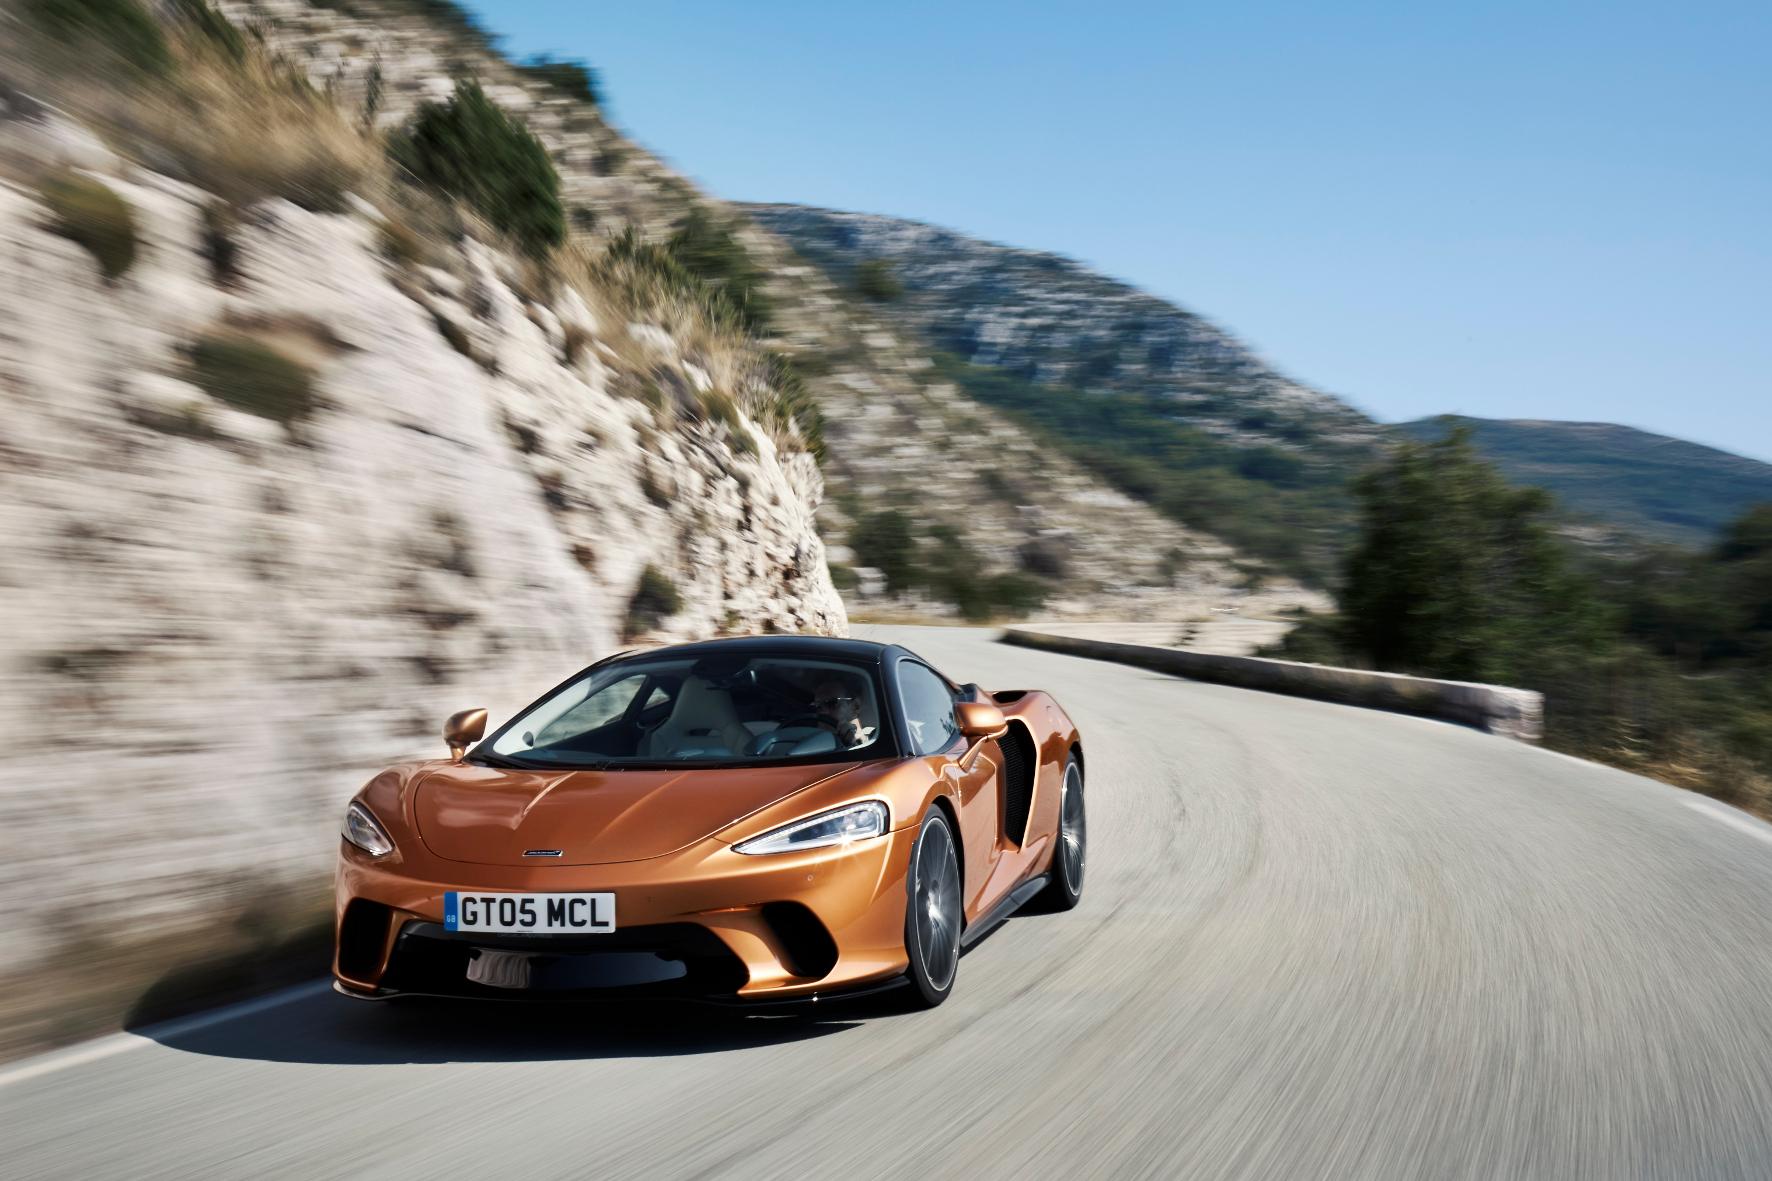 - Kurvenräuber in Gold. Der McLaren GT ist ein klassischer Superportwagen mit niedrigem Schwerpunkt und perfekter Gewichtsverteilung. © McLaren